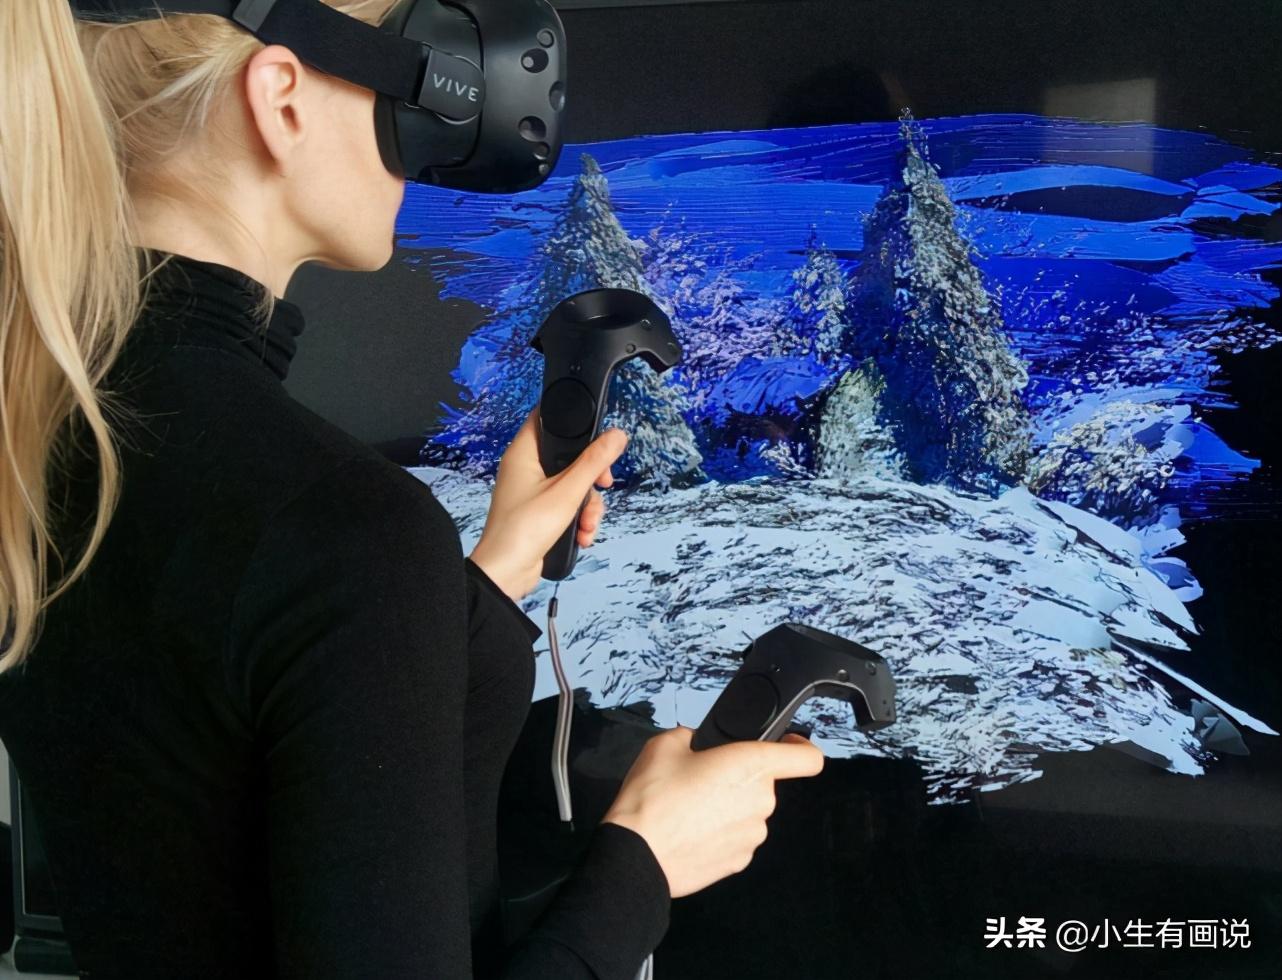 不用纸和笔也可以绘画,戴上VR,绘画的一条崭新道路